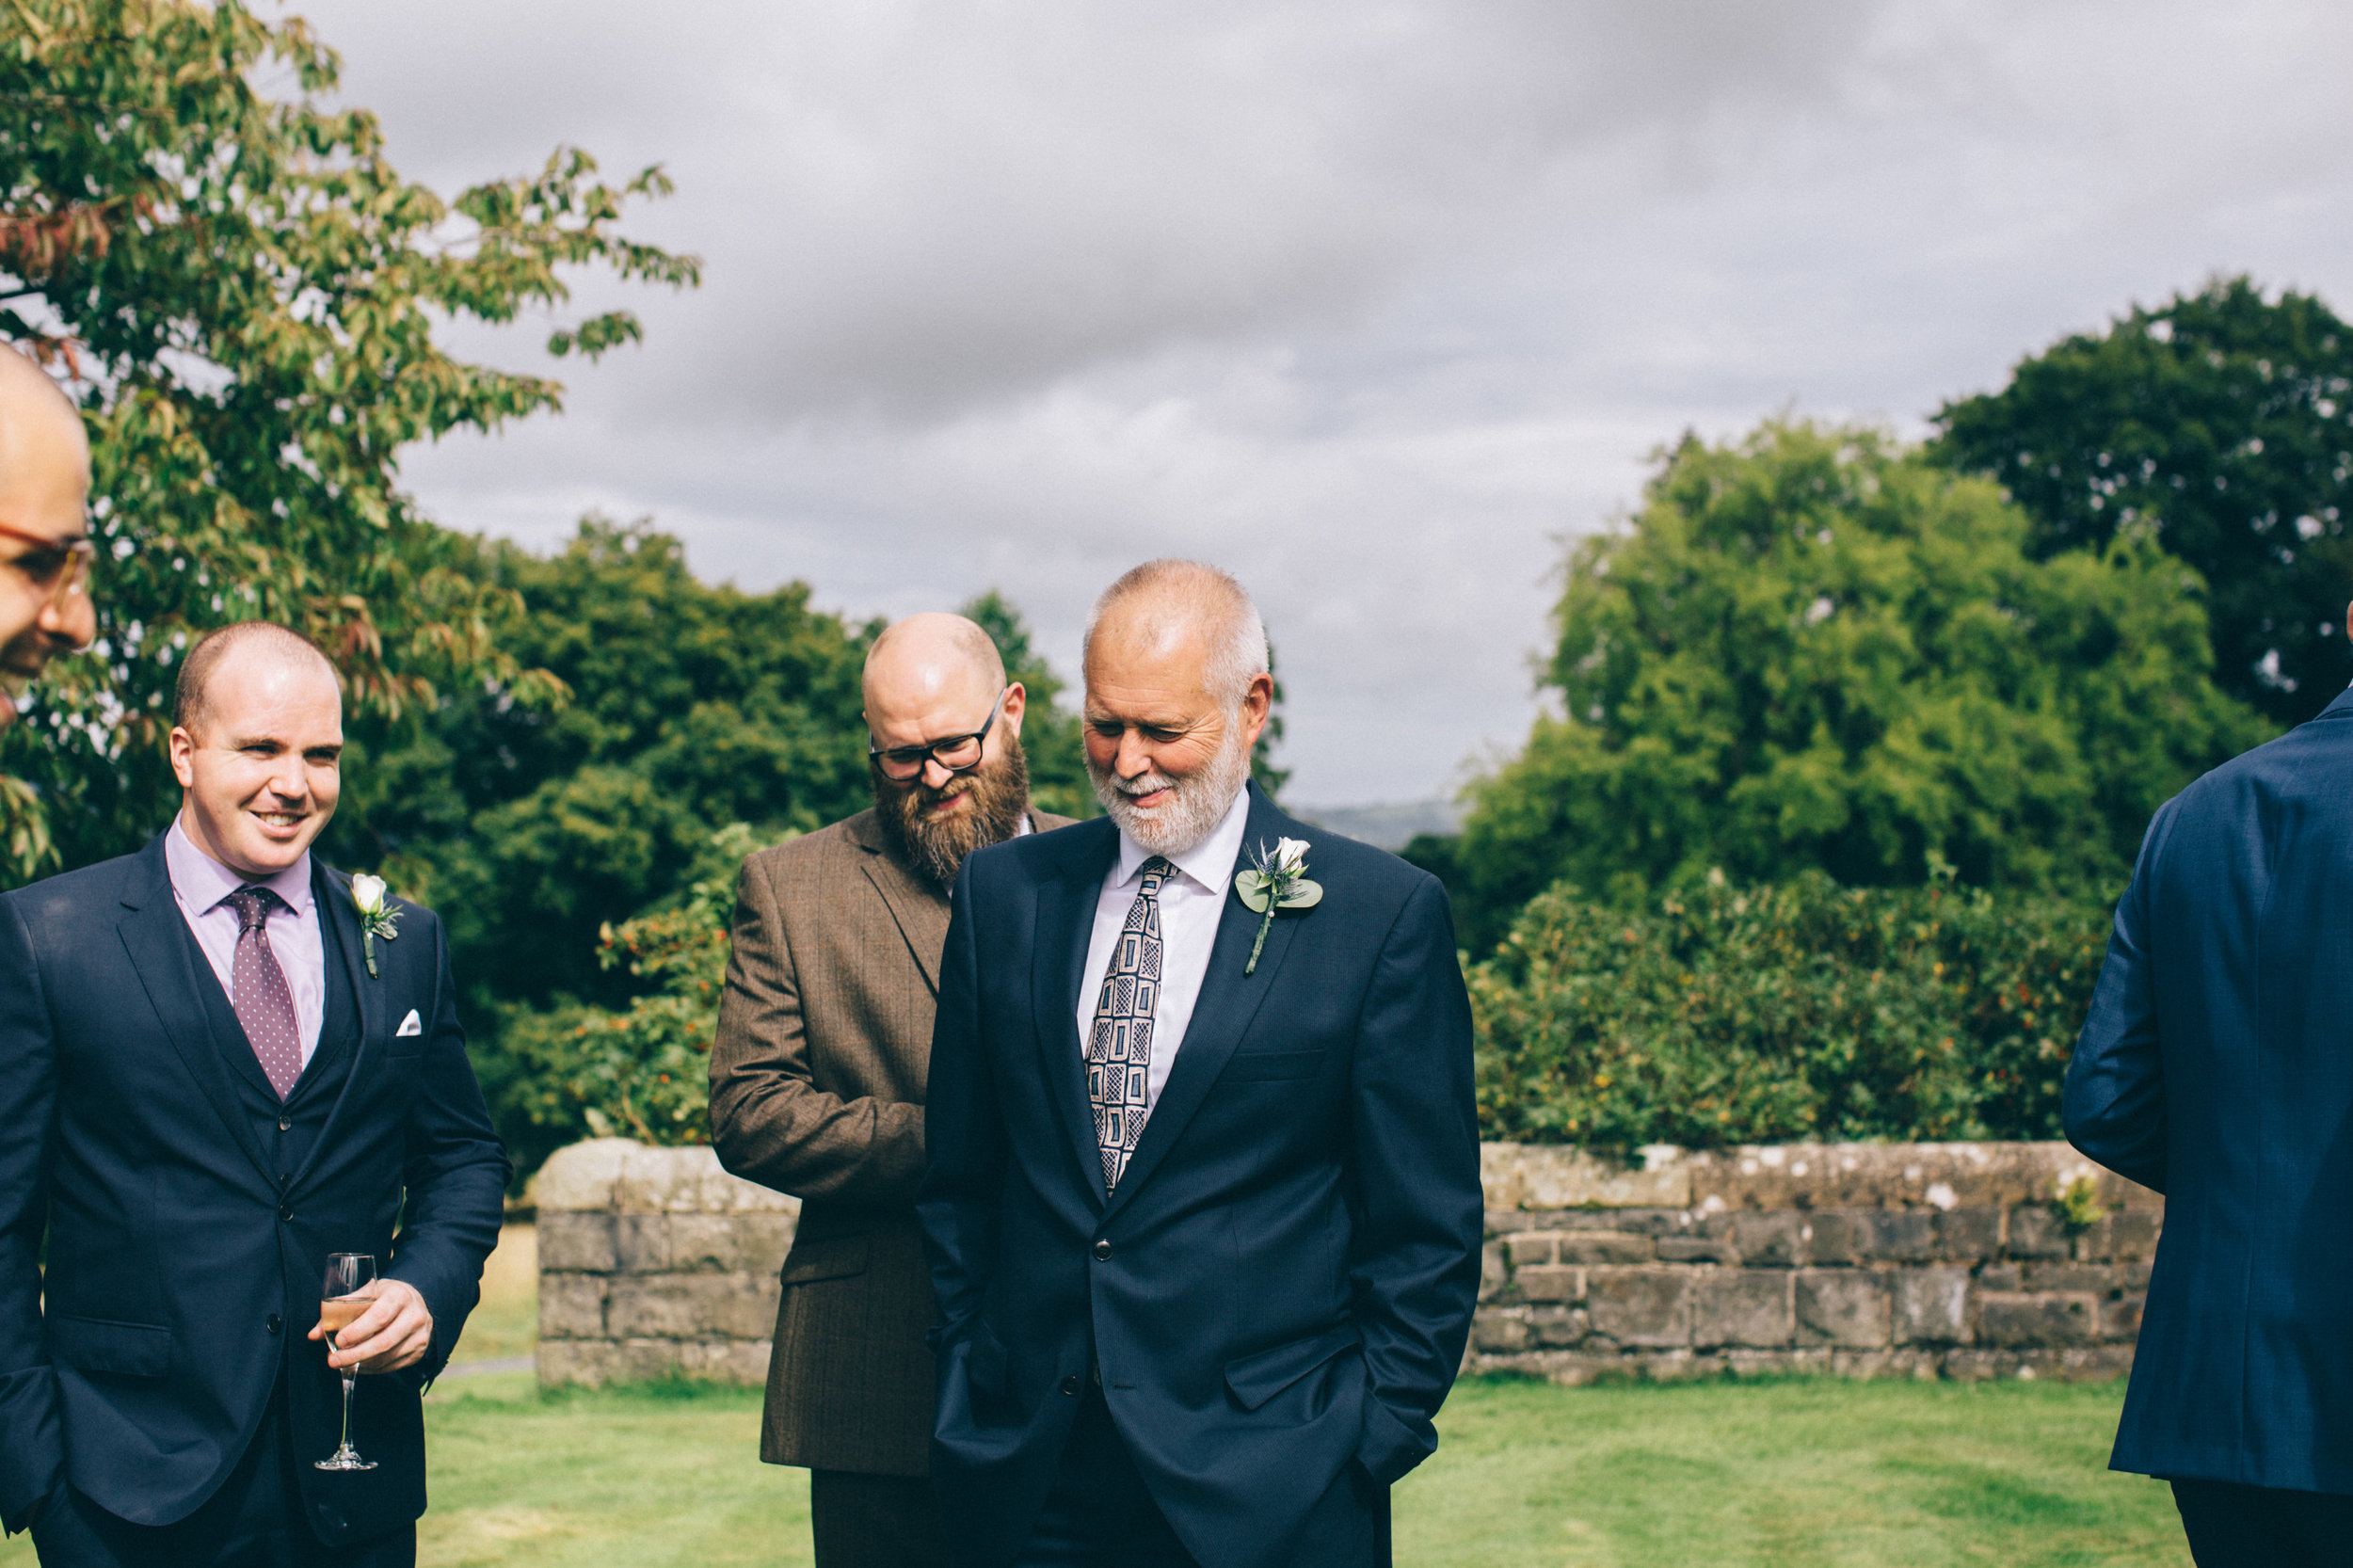 uk wedding photographer artistic wedding photography-23.jpg